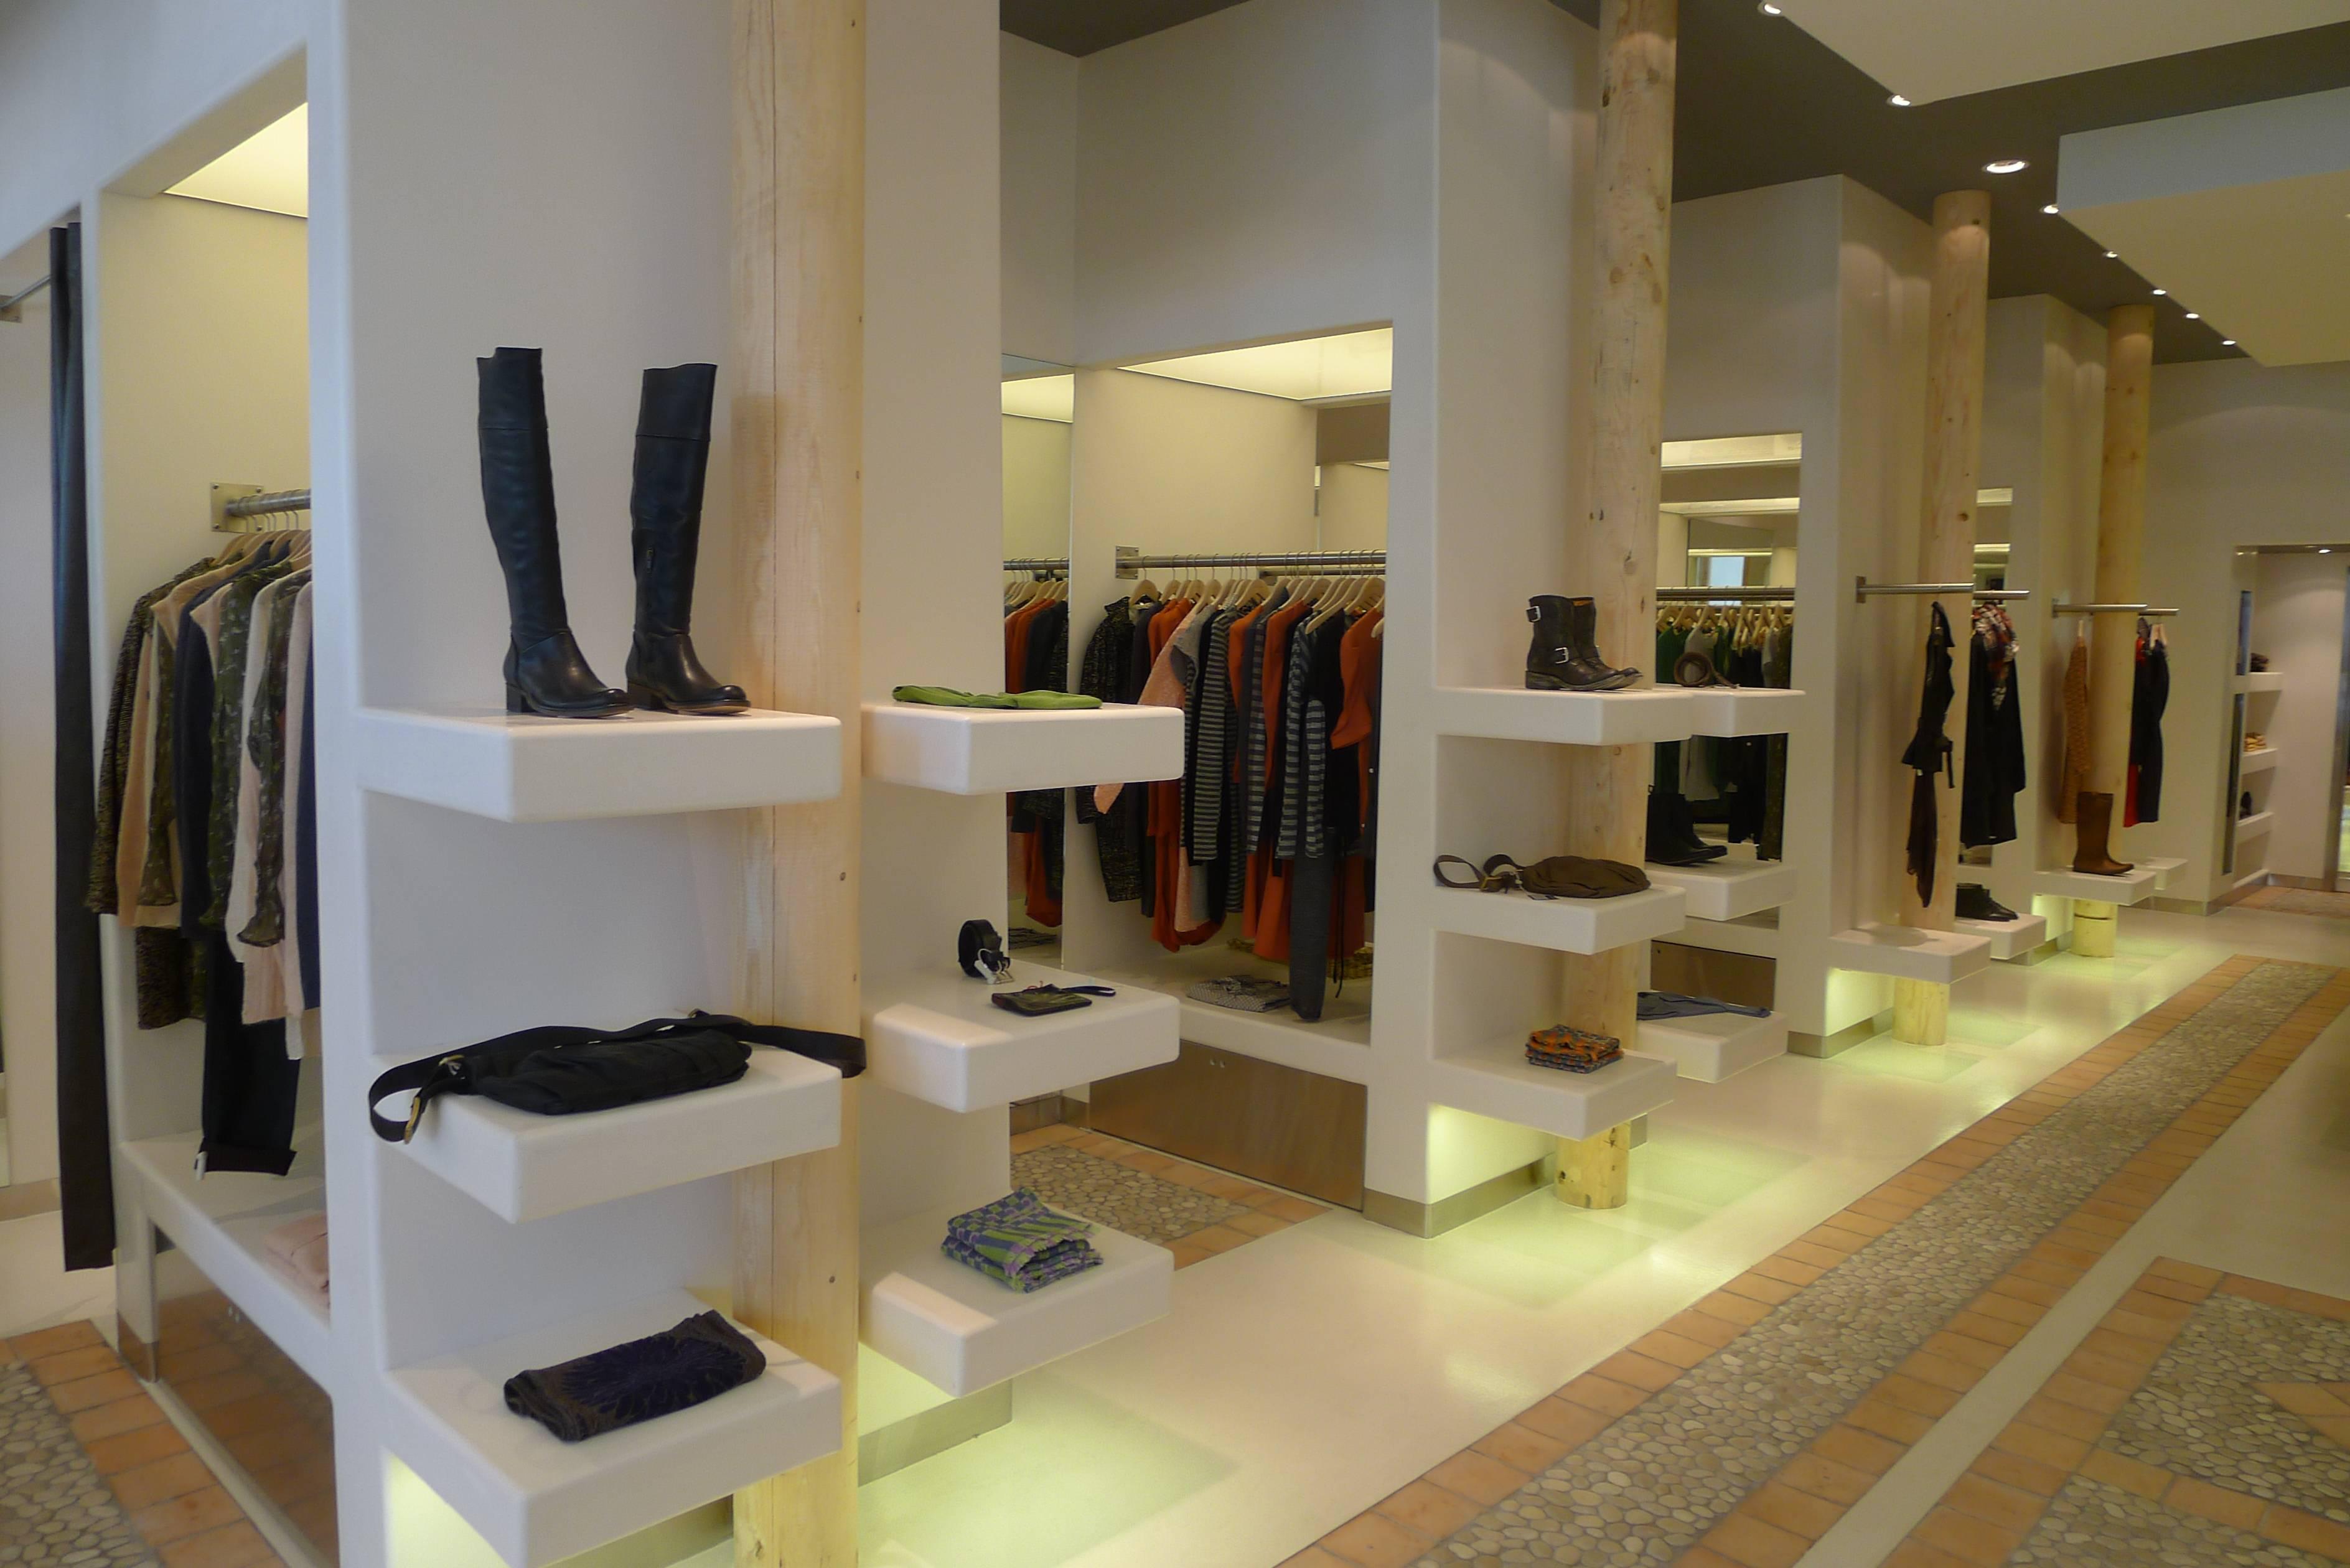 Koleksi Arisa, Shopping Place in Aurangabad